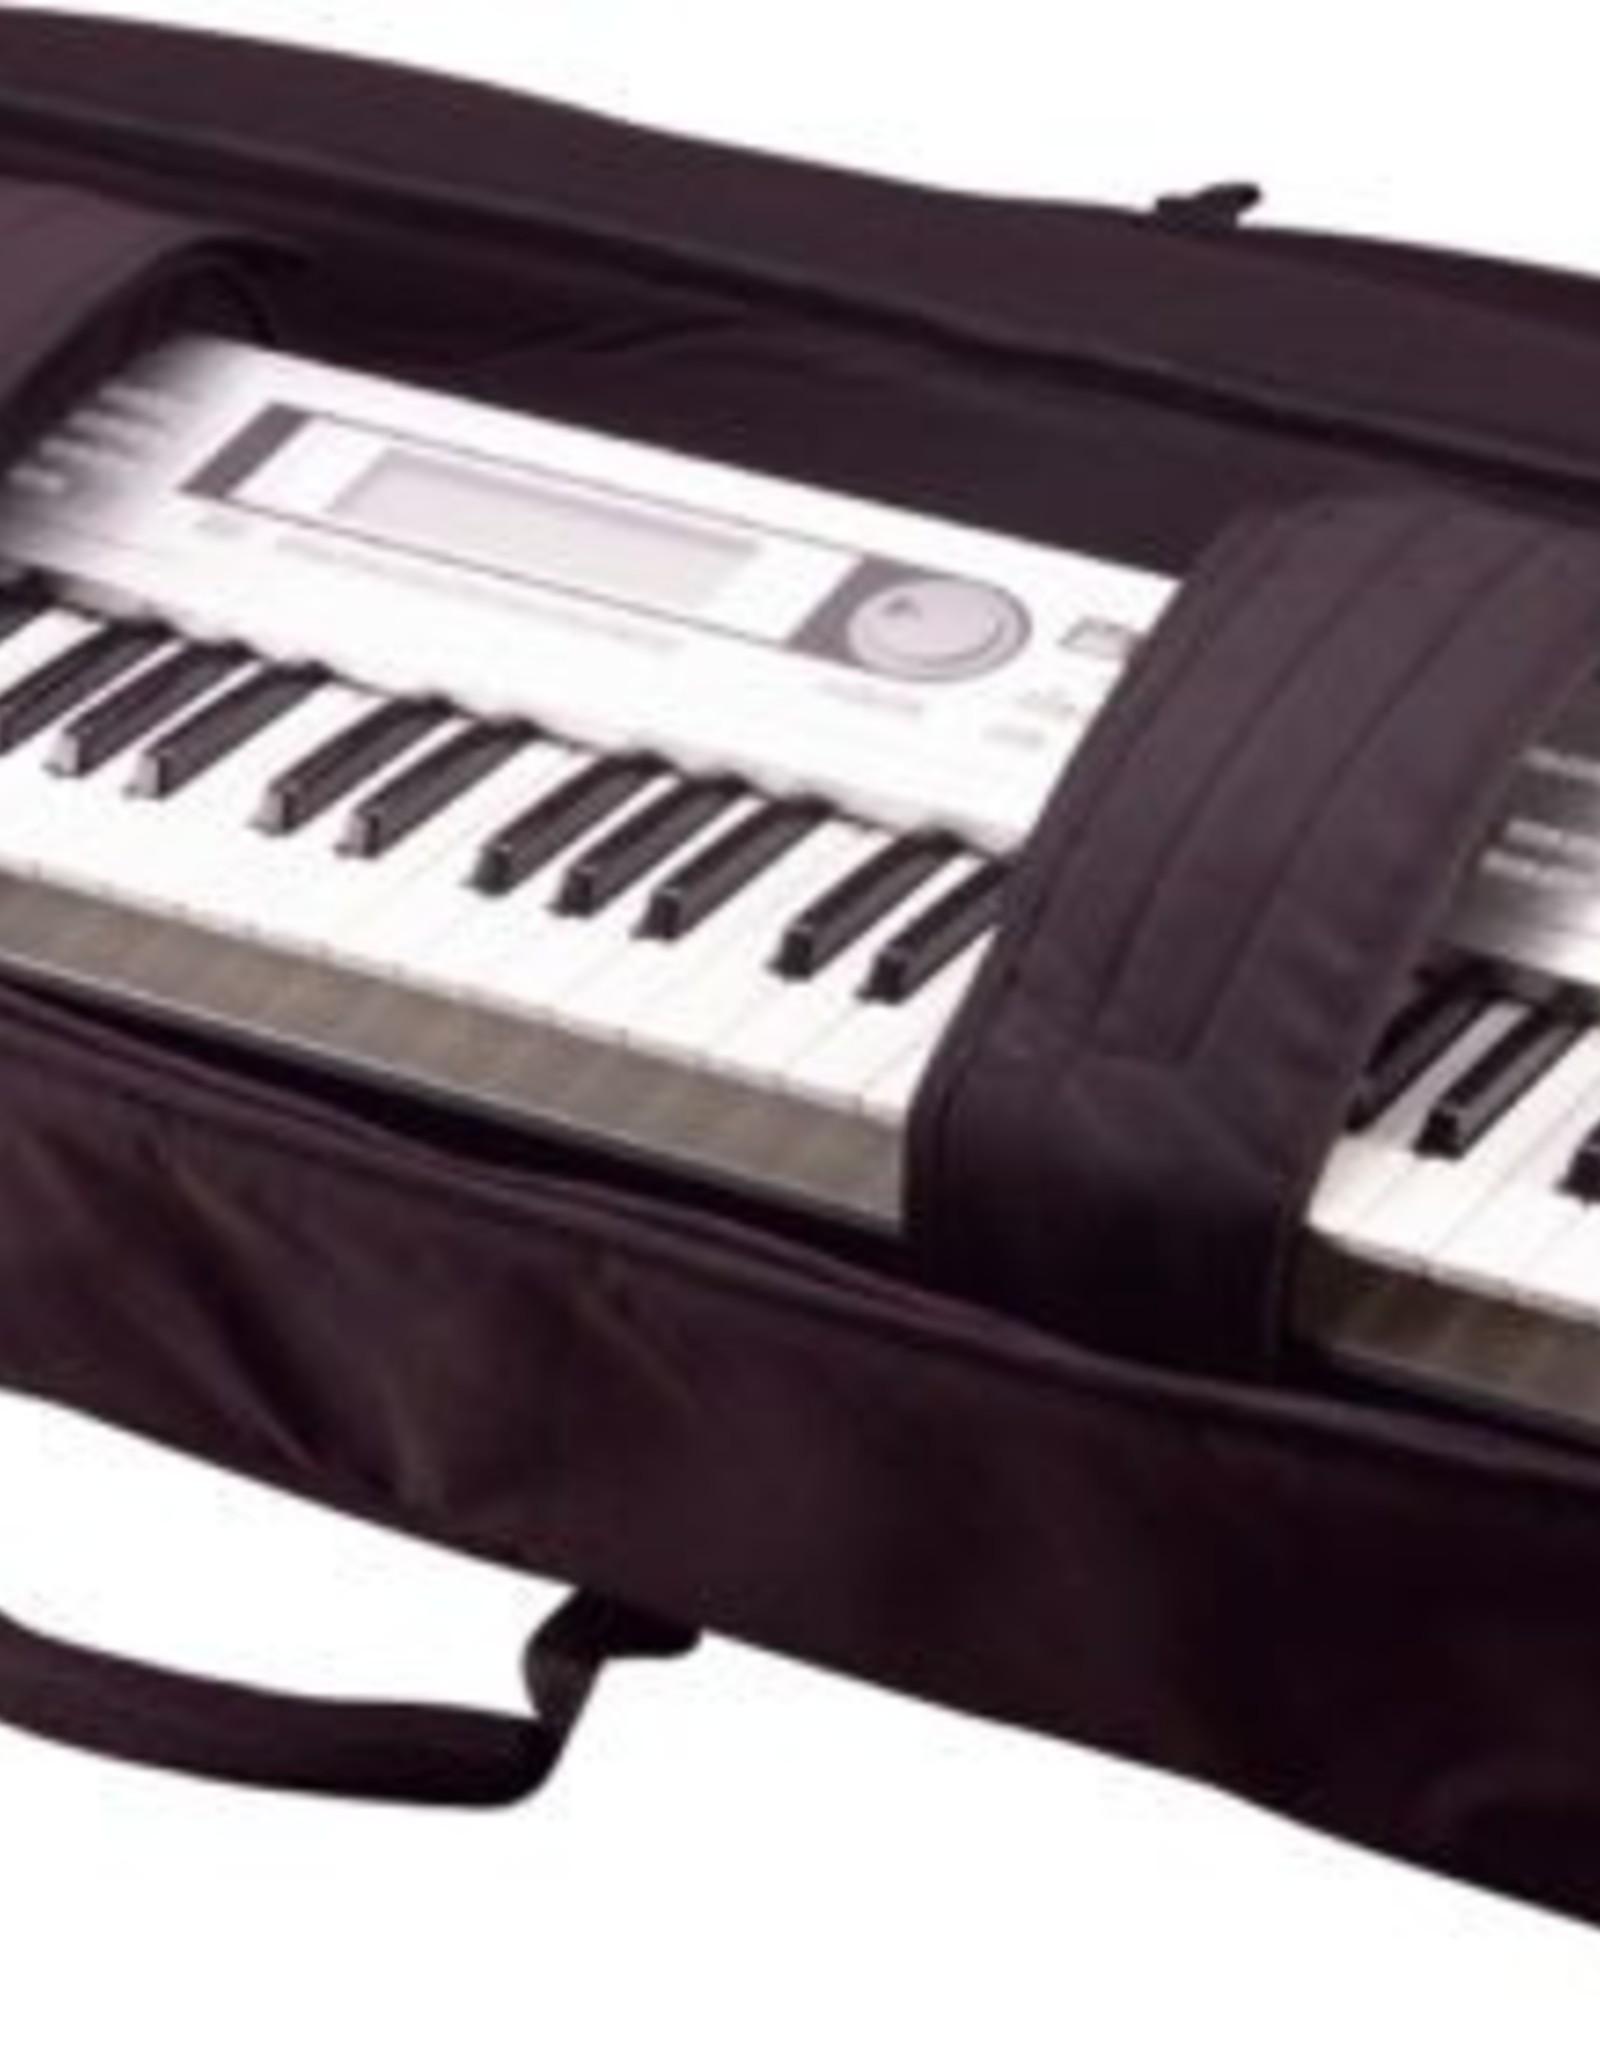 Gator GKB-88-SLIM Gig Bag for 88 Note Keyboards. Reduced Depth.